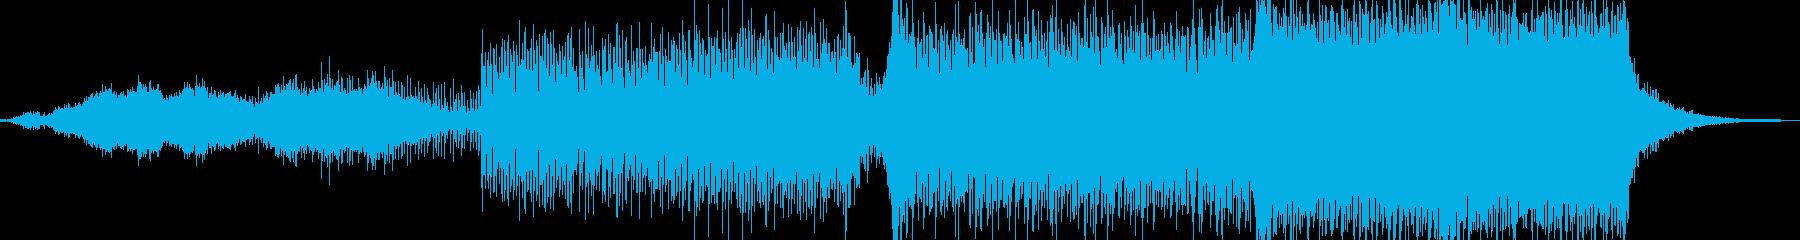 アンビエント 実験的 アンビエント...の再生済みの波形